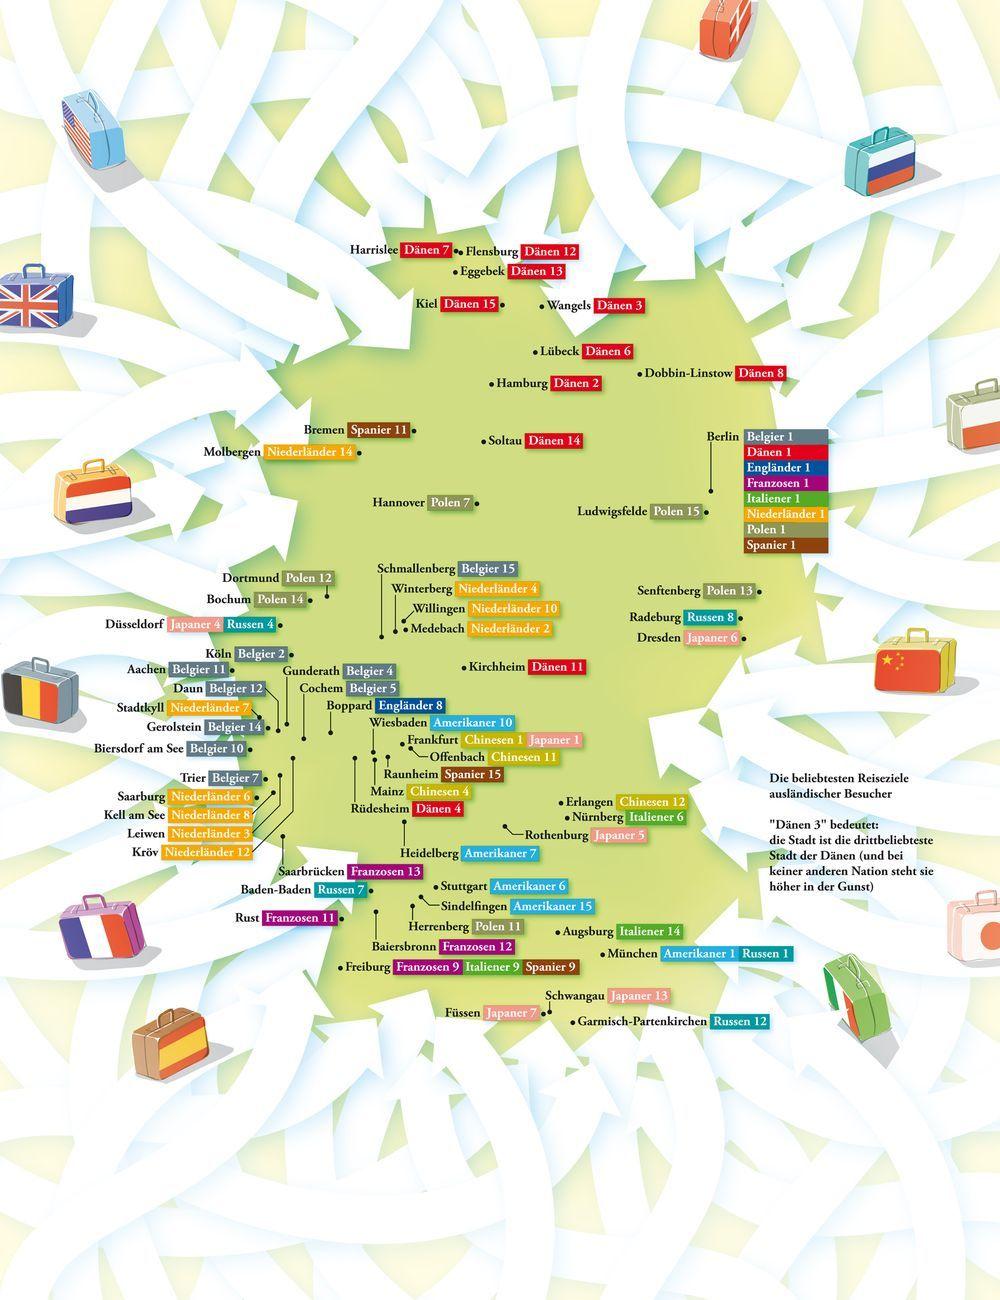 Deutschlandkarte Liebste Reiseziele Deutschlandkarte Karten